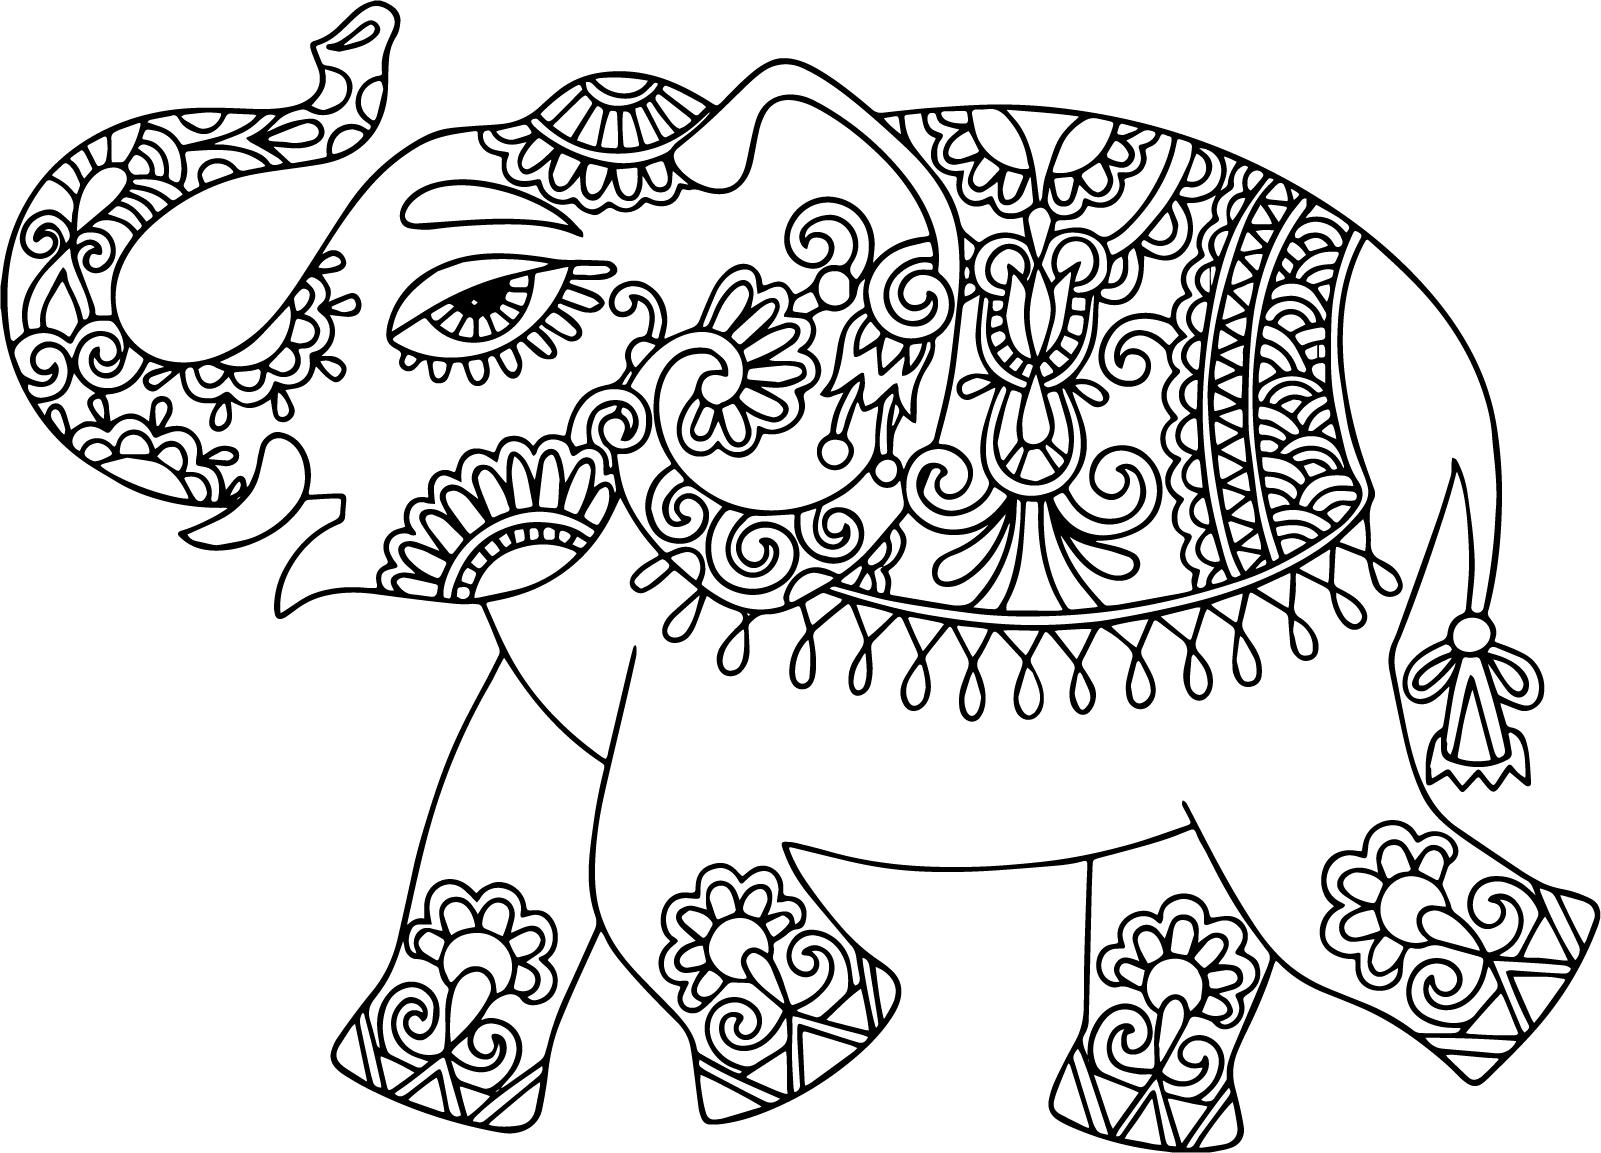 mandala svg free #762, Download drawings